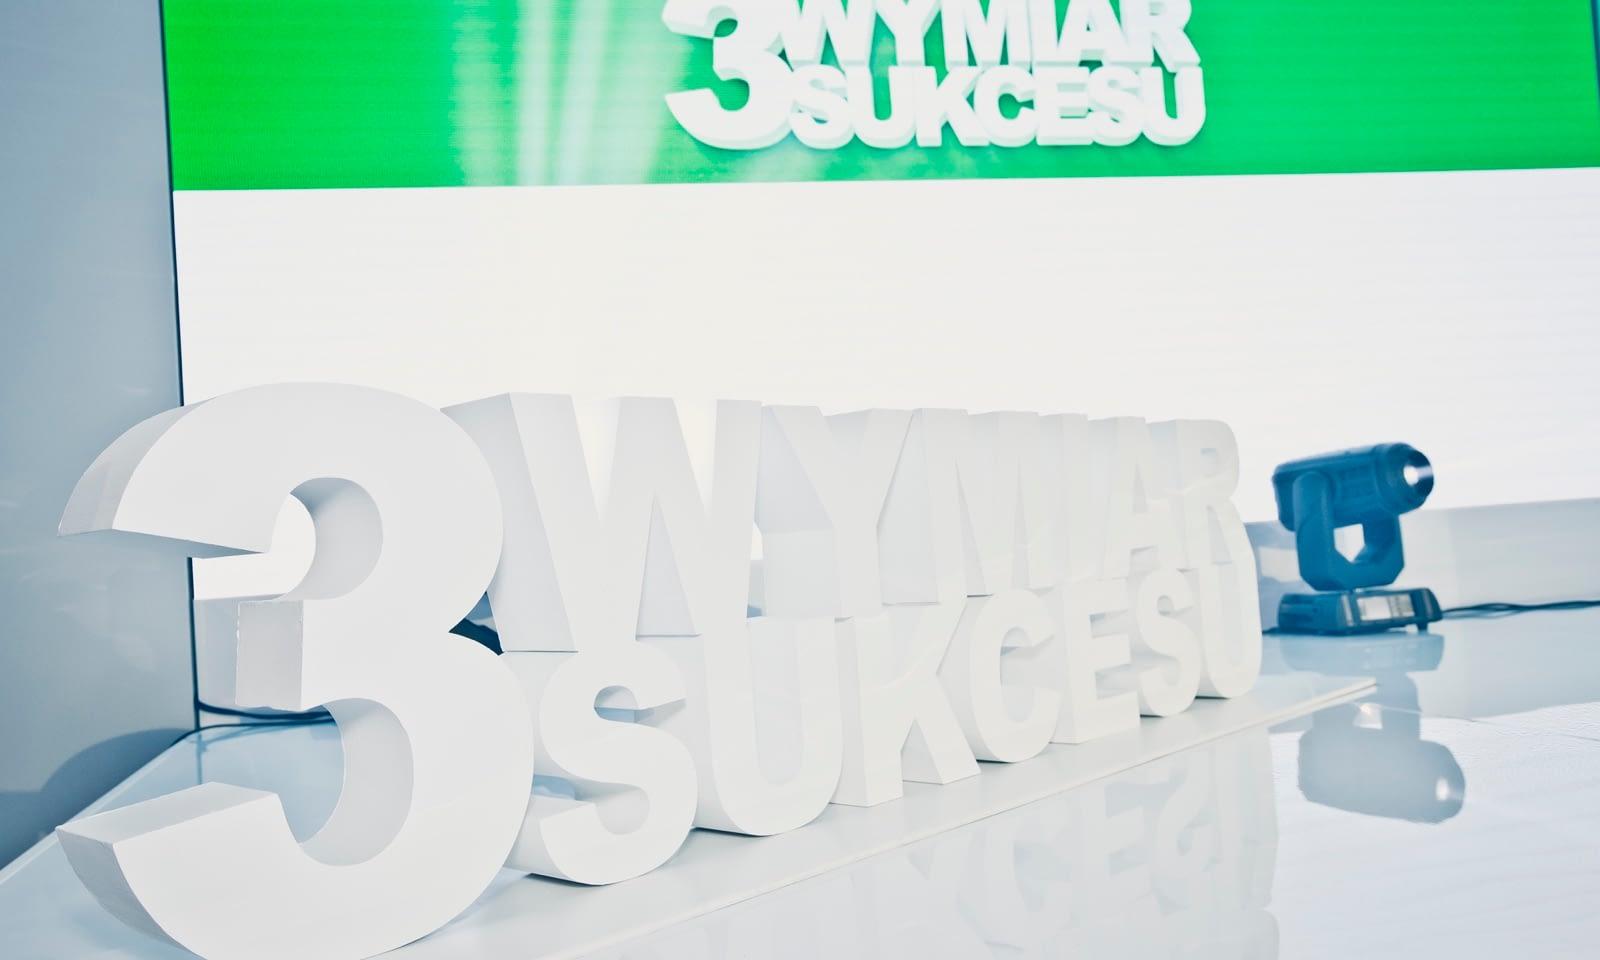 Konferencja firmy AMBRA S.A. na zlecenie Mea Group Sp. z o.o.